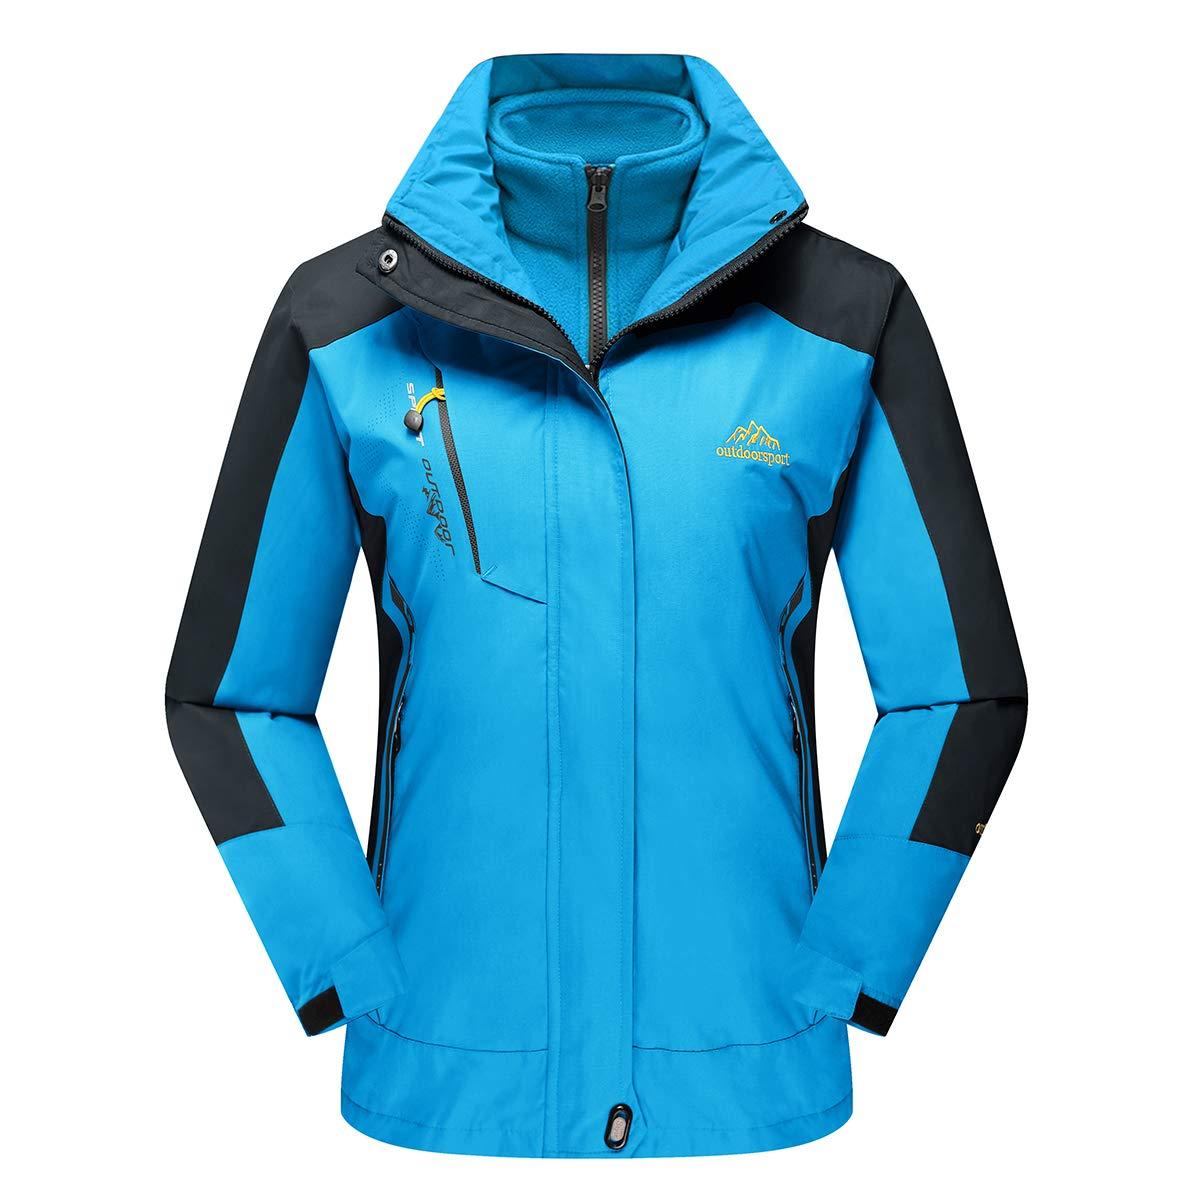 bluee CRYSULLY Women's Winter Mountain 3in1 Windbreaker Jackets Fleece Inner Rain Snow Coat Removable Hood